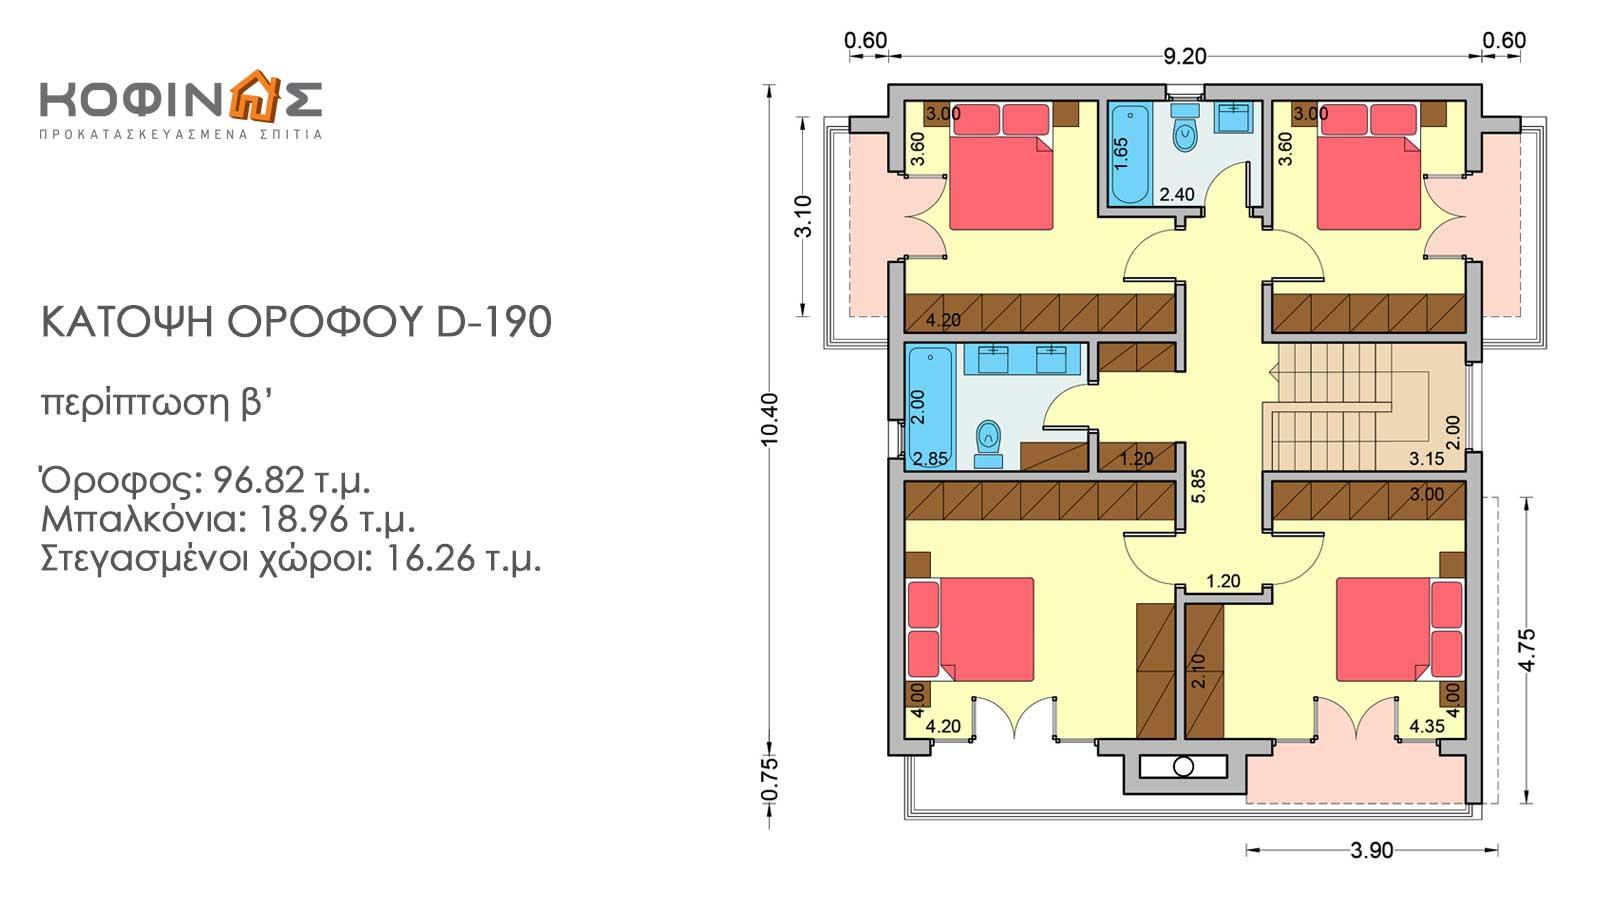 Διώροφη Κατοικία D-190, συνολικής επιφάνειας 190,94 τ.μ.